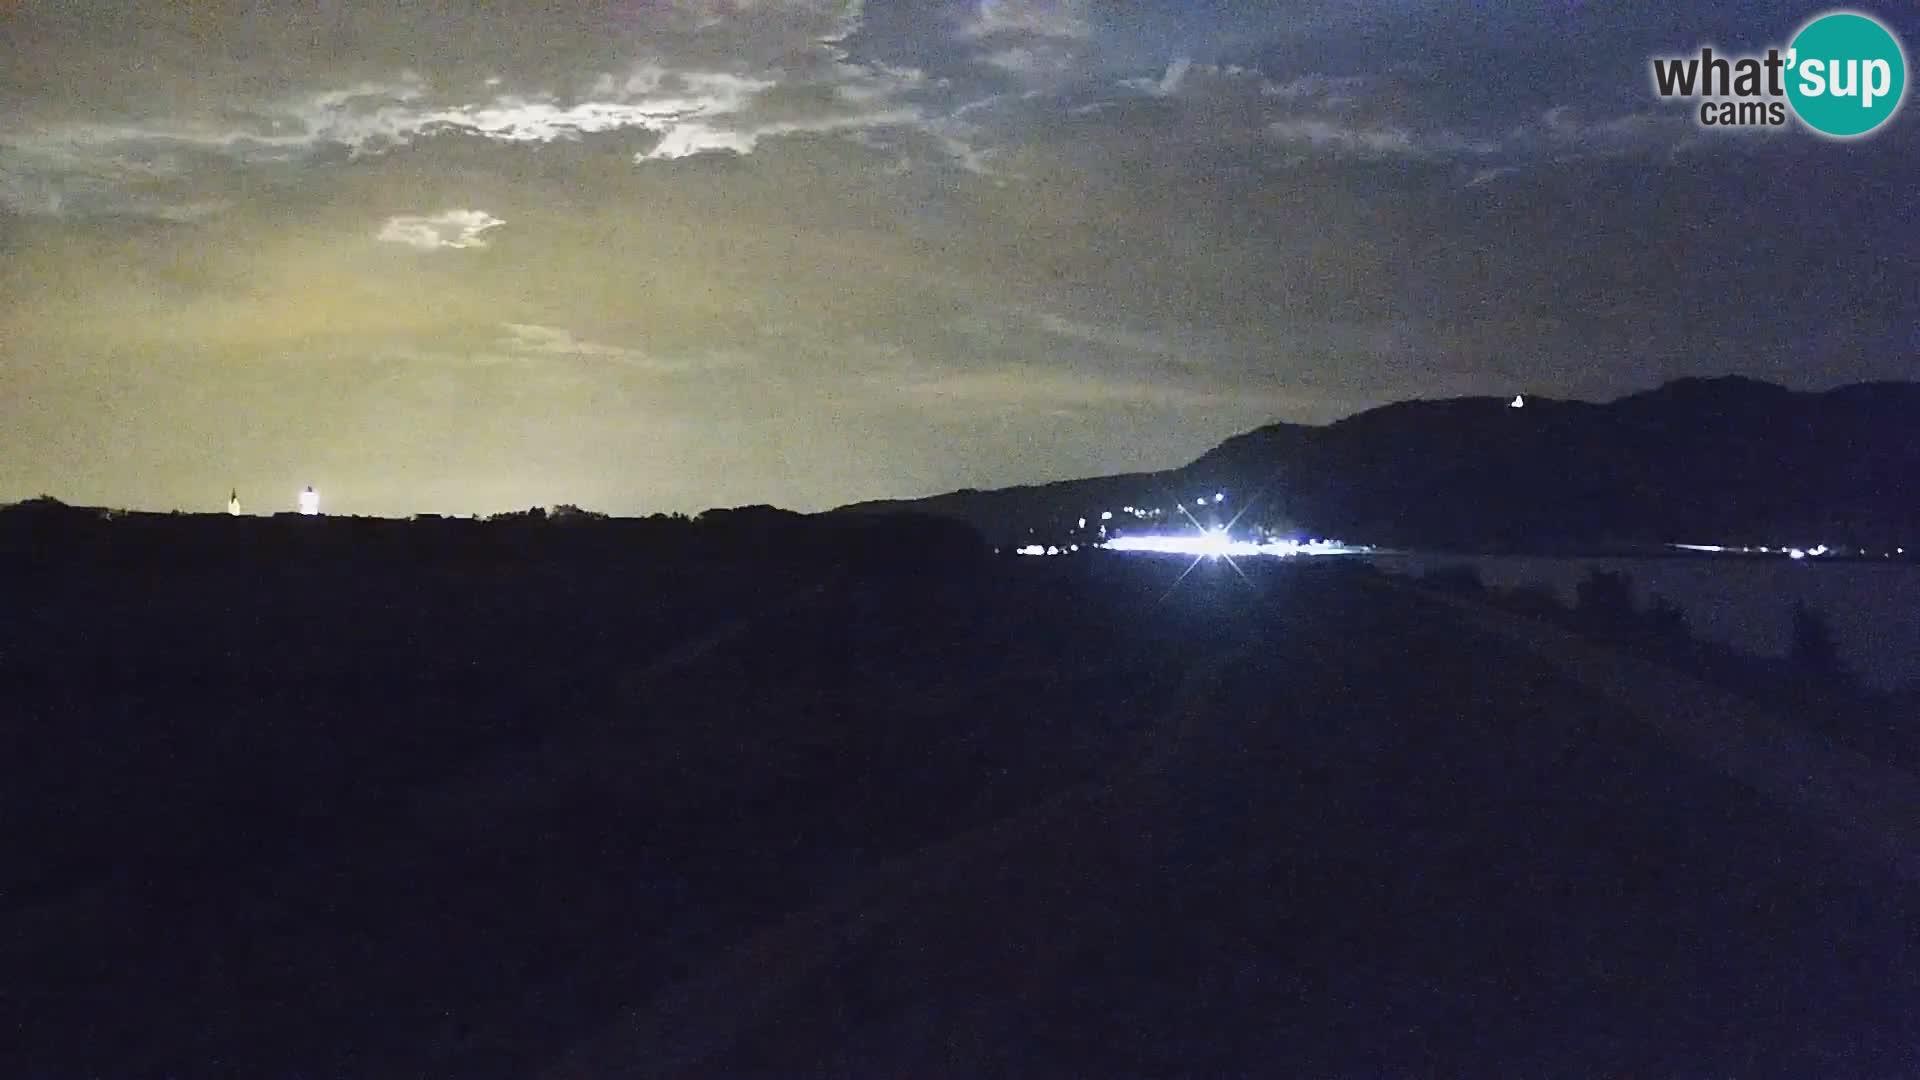 Spletna kamera v živo Brežiško jezero na reki Savi – Slovenija